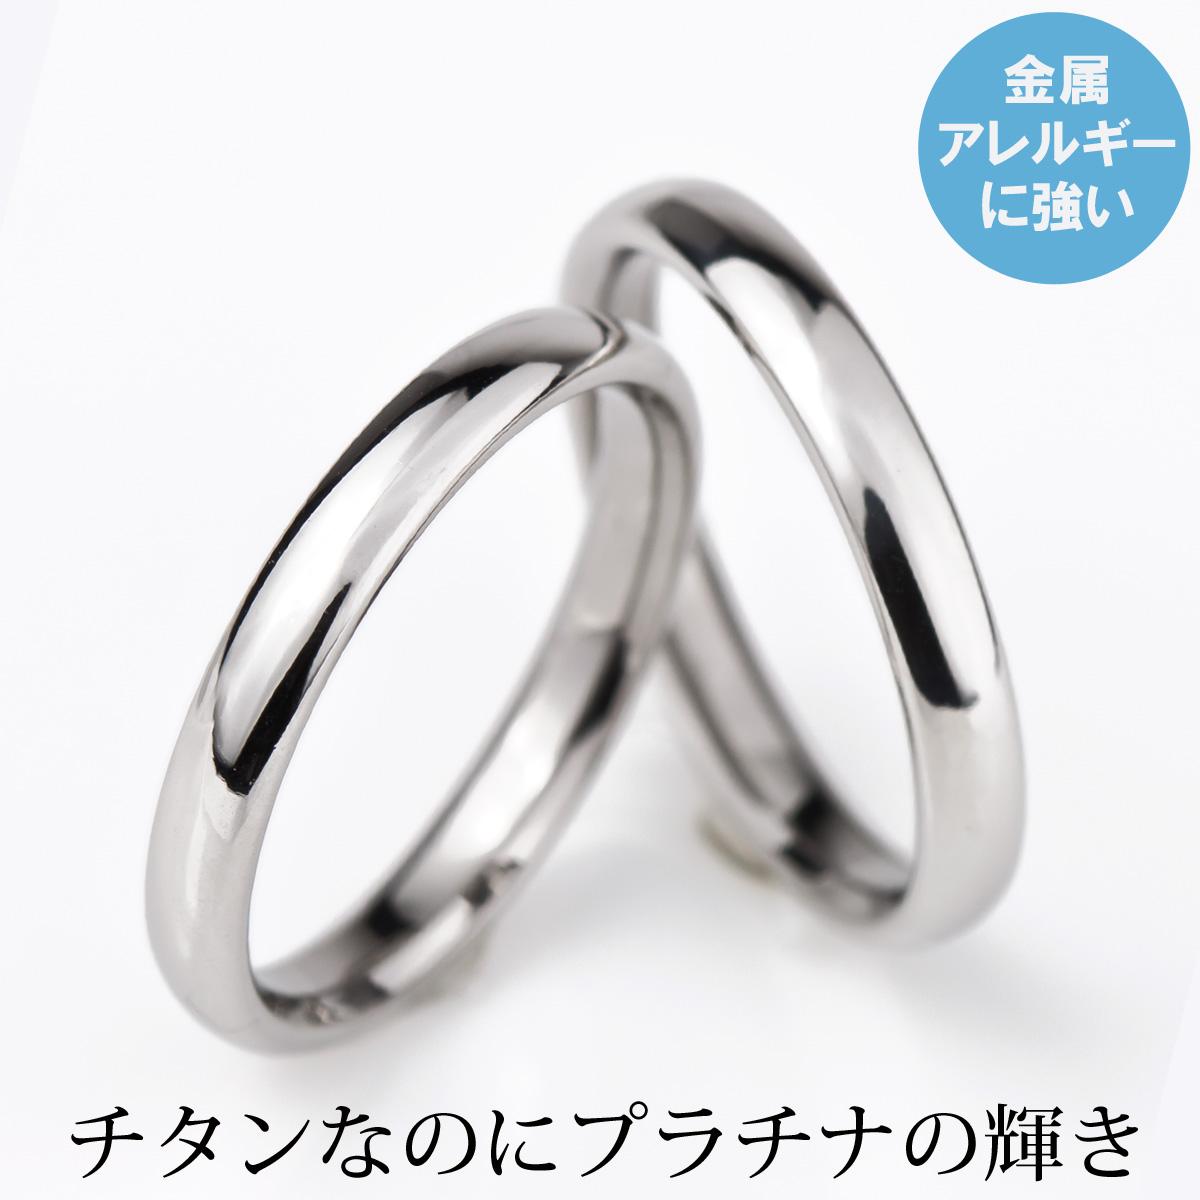 チタン 結婚指輪 マリッジリング プラチナ イオンプレーティング加工 日本製 鏡面仕上げ ペアリング ペアセット 刻印無料 (文字彫り) 金属アレルギー対応 アレルギーフリー 安心